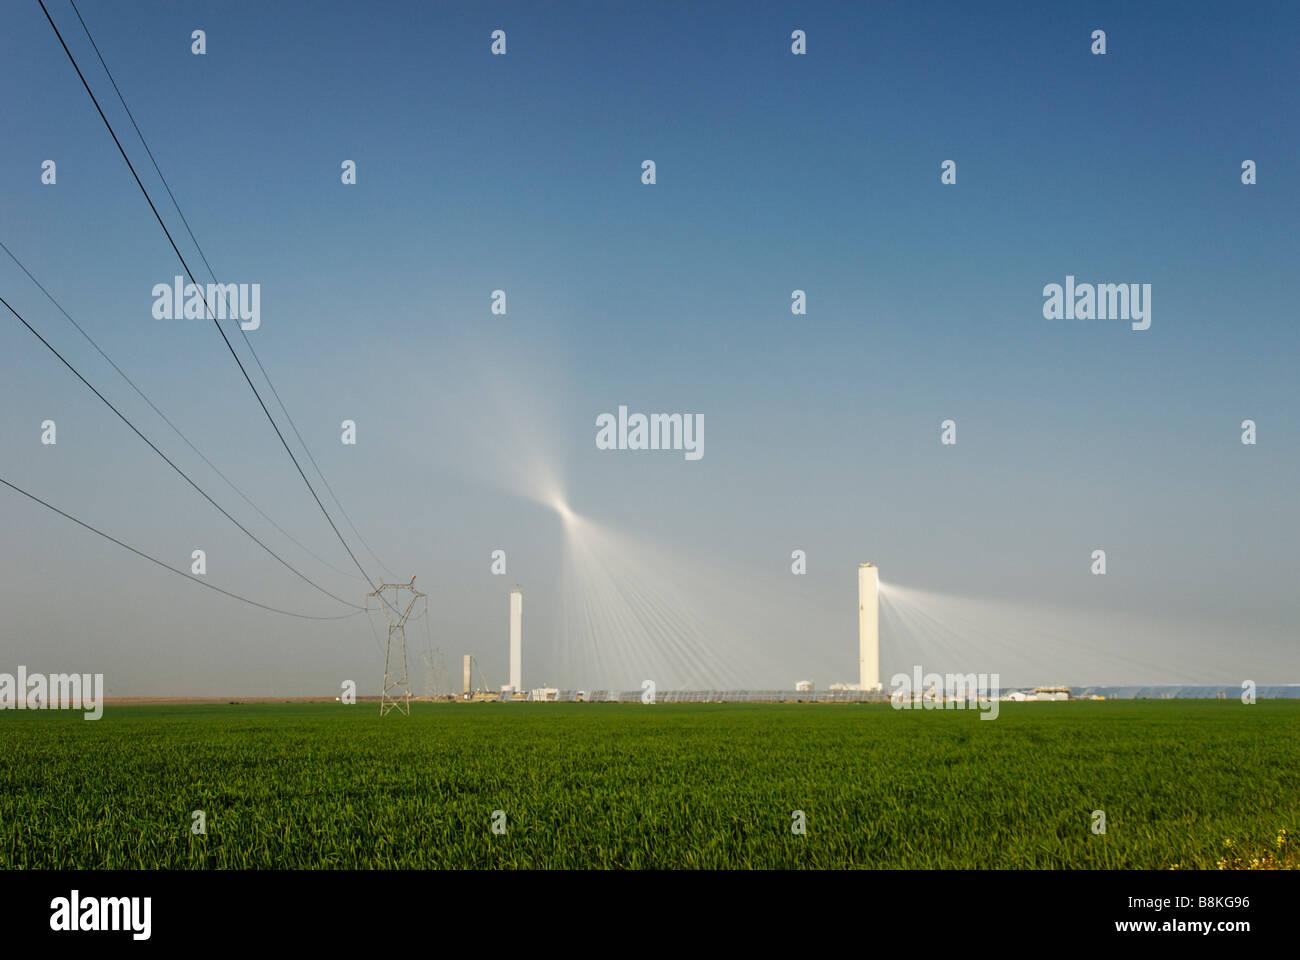 Il PS10 torre solare power plant produce pulire potenza termoelettrica dal sole - Abengoa Solúcar platform Immagini Stock